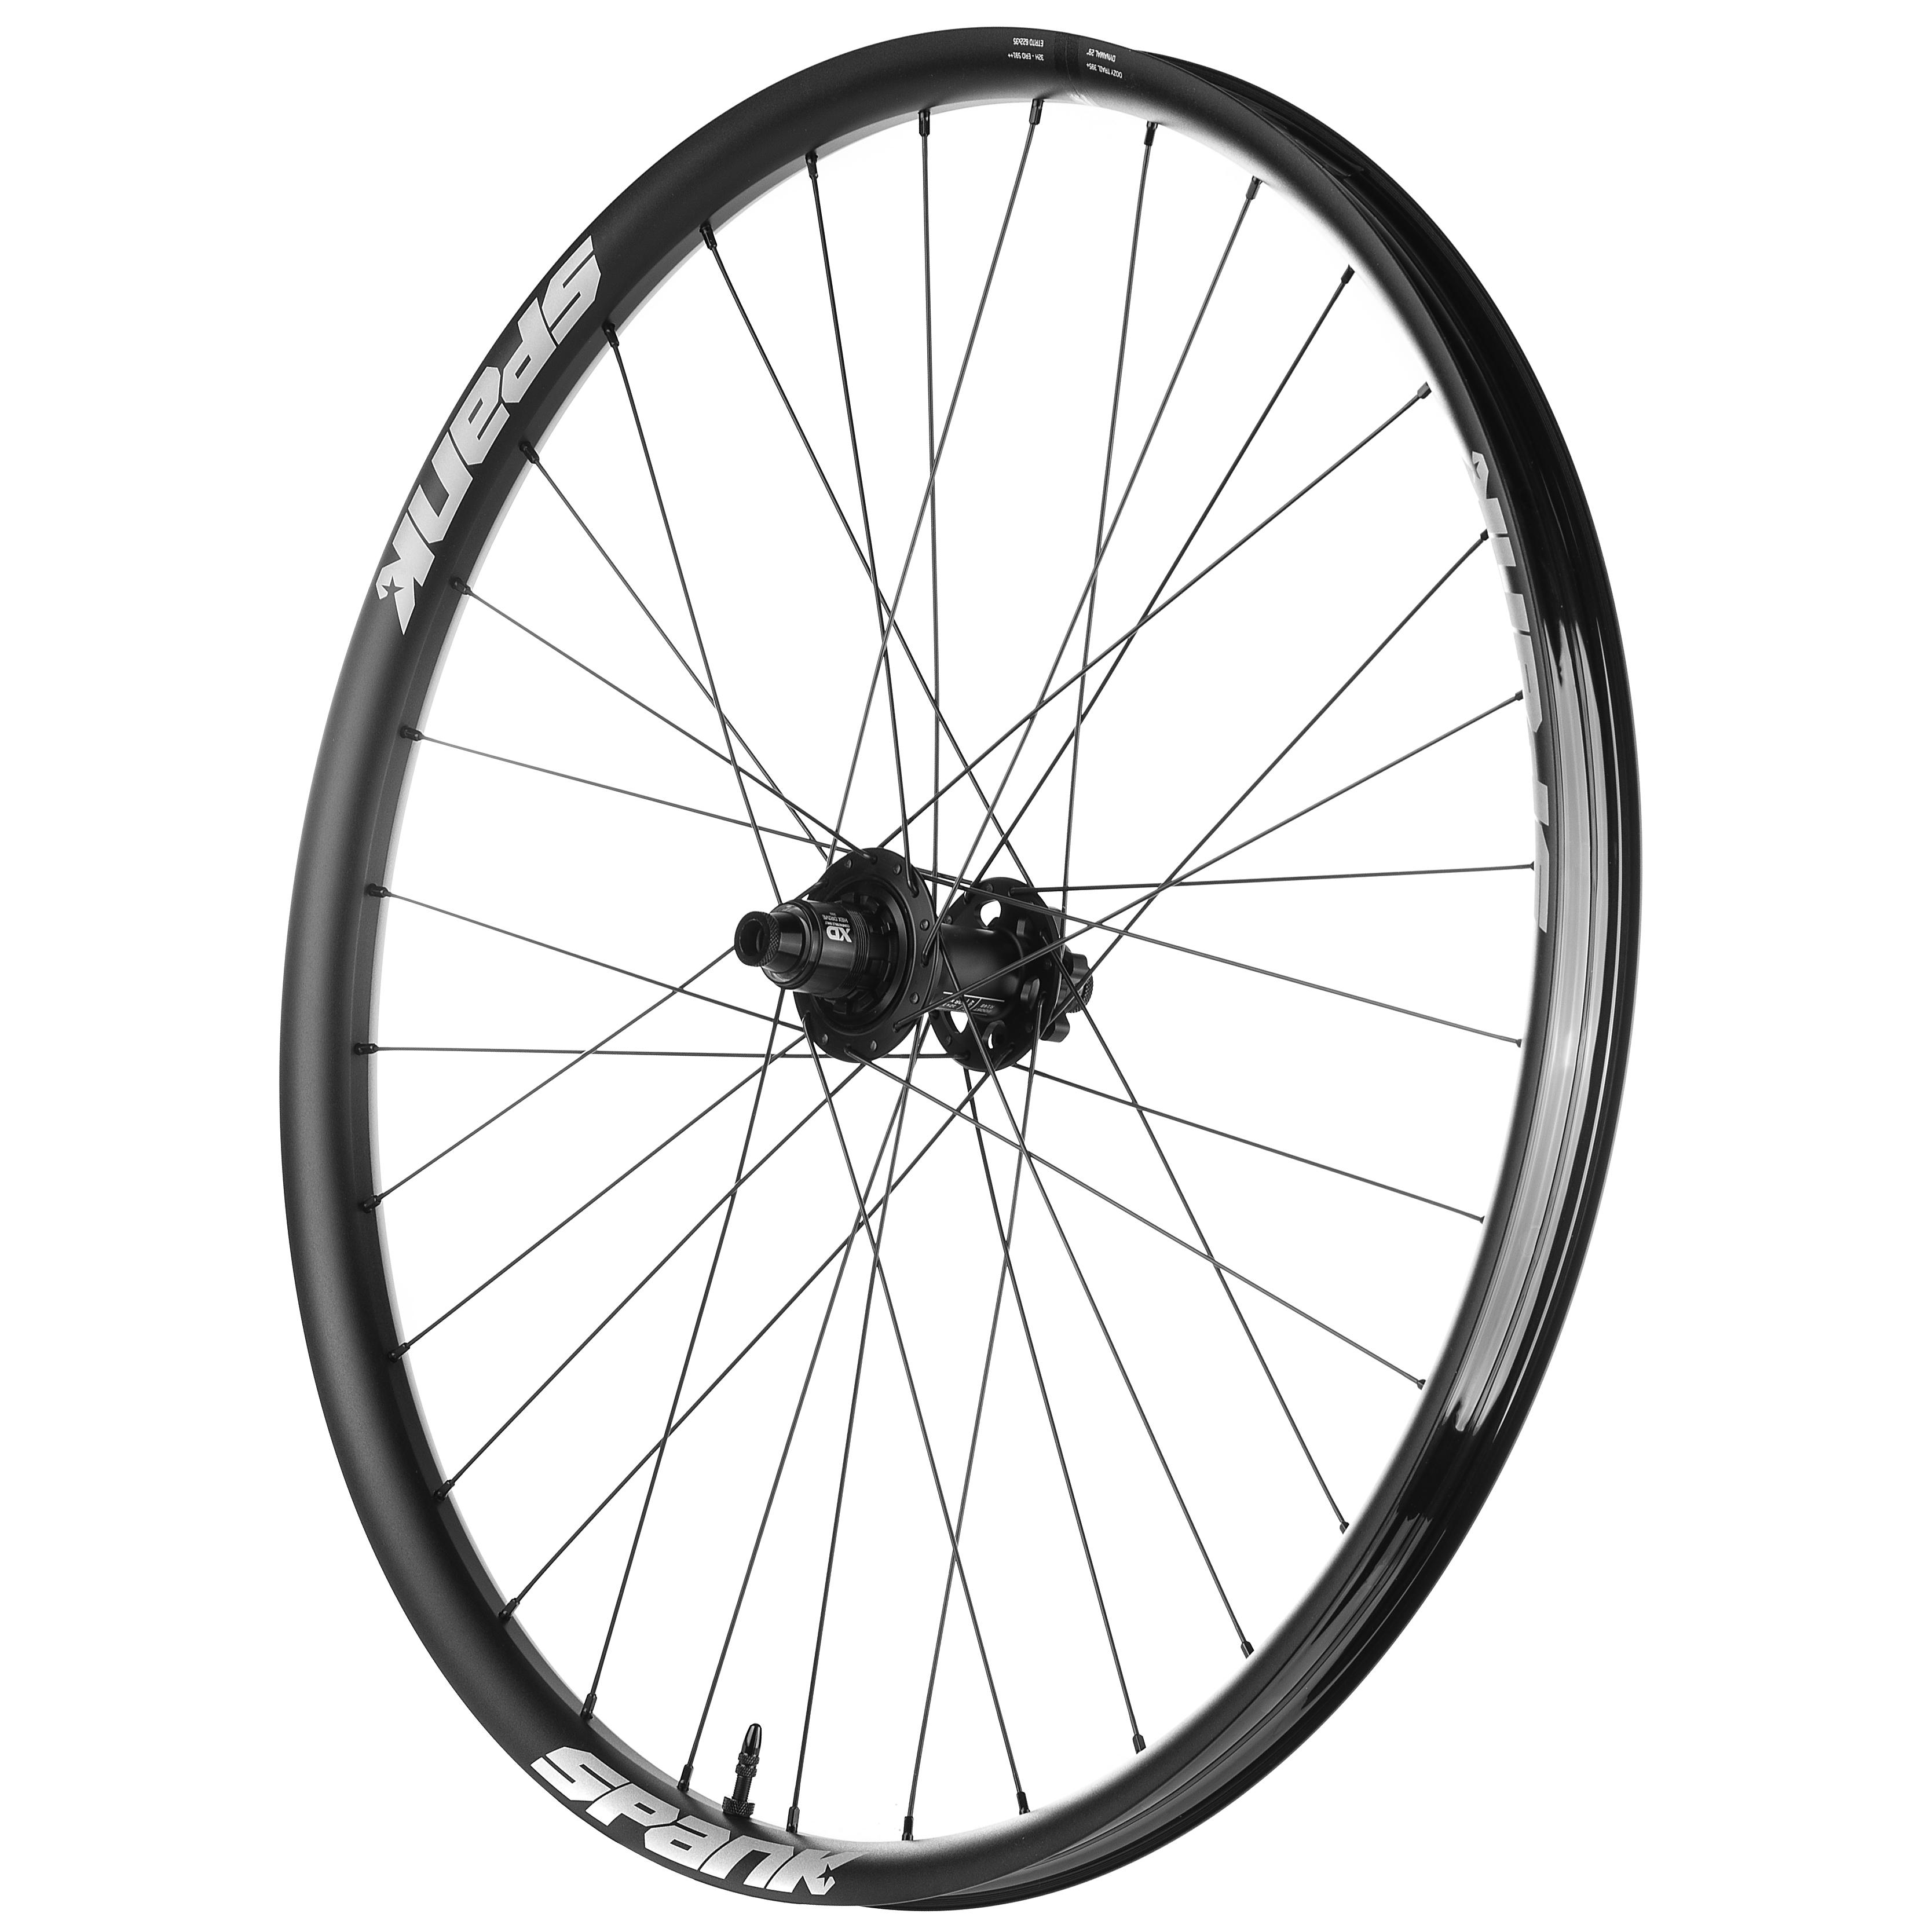 SPANO OOZY TRAIL 395+--29 X 35MM--32H BLACK BICYCLE RIM